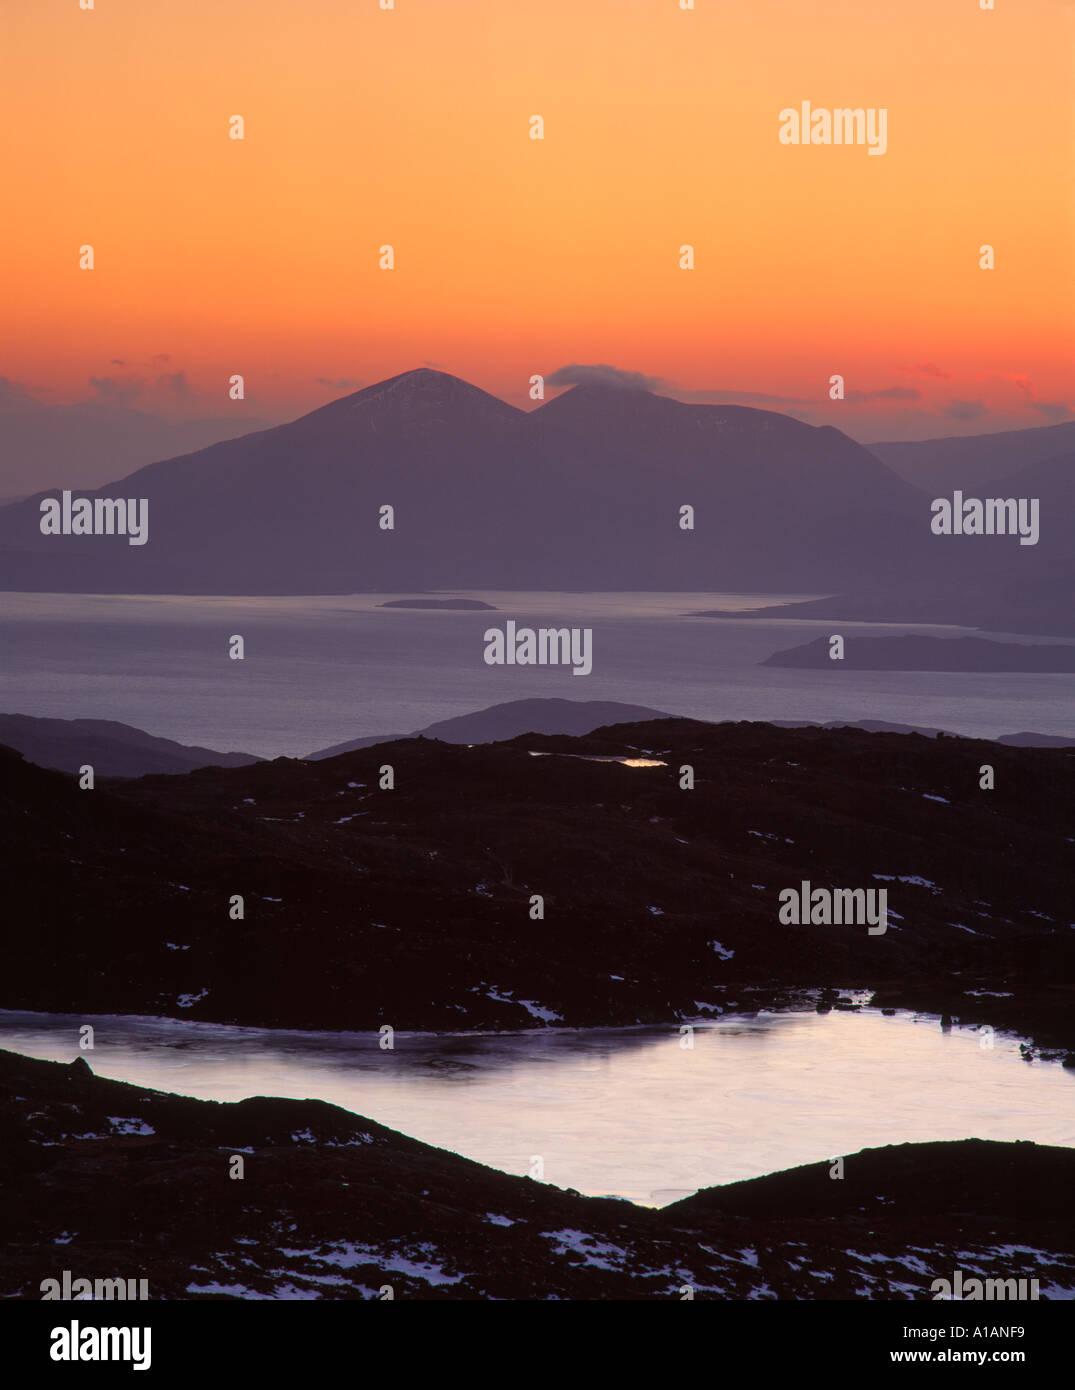 Vista dalla Bealach na Ba alla Red Cuillin sull'Isola di Skye, vicino Applecross, Ross and Cromarty, Highland, Scotland, Regno Unito Immagini Stock